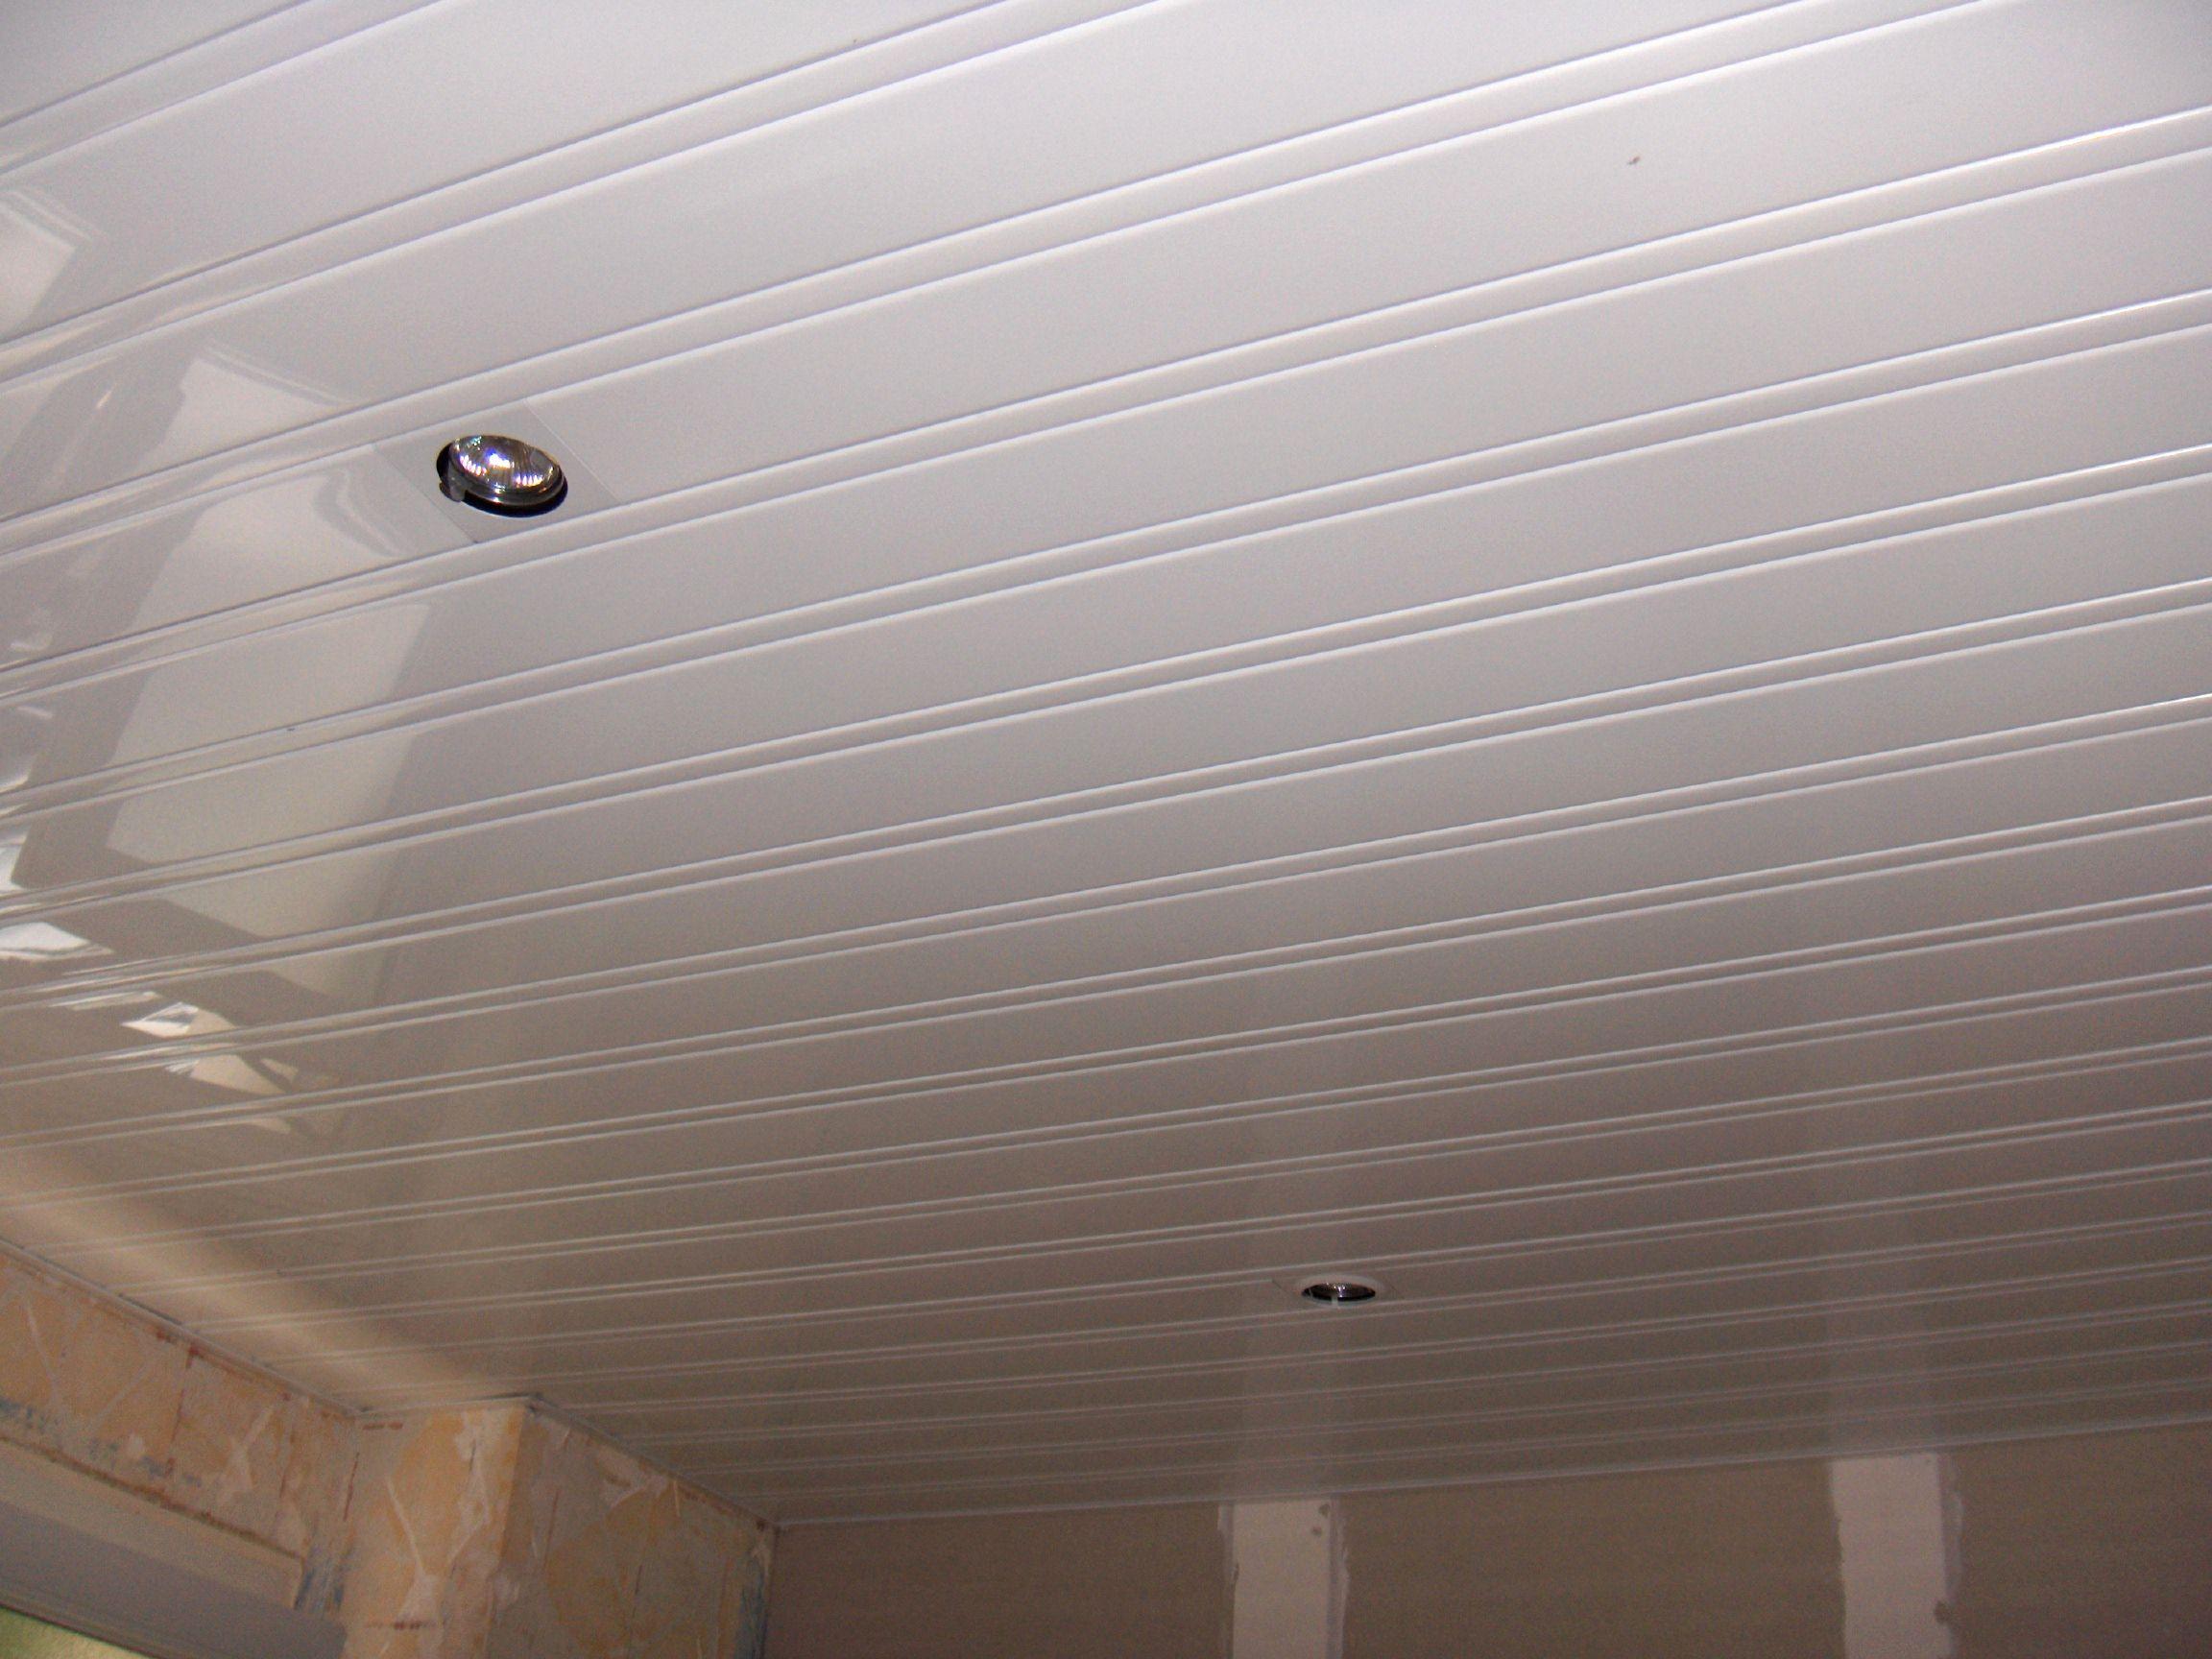 50 Genial Photos De Dalle Plafond Pvc Dalle Plafond Pvc Beau Plaque Placo Plafond Plaque De P Home Blinds Home Decor